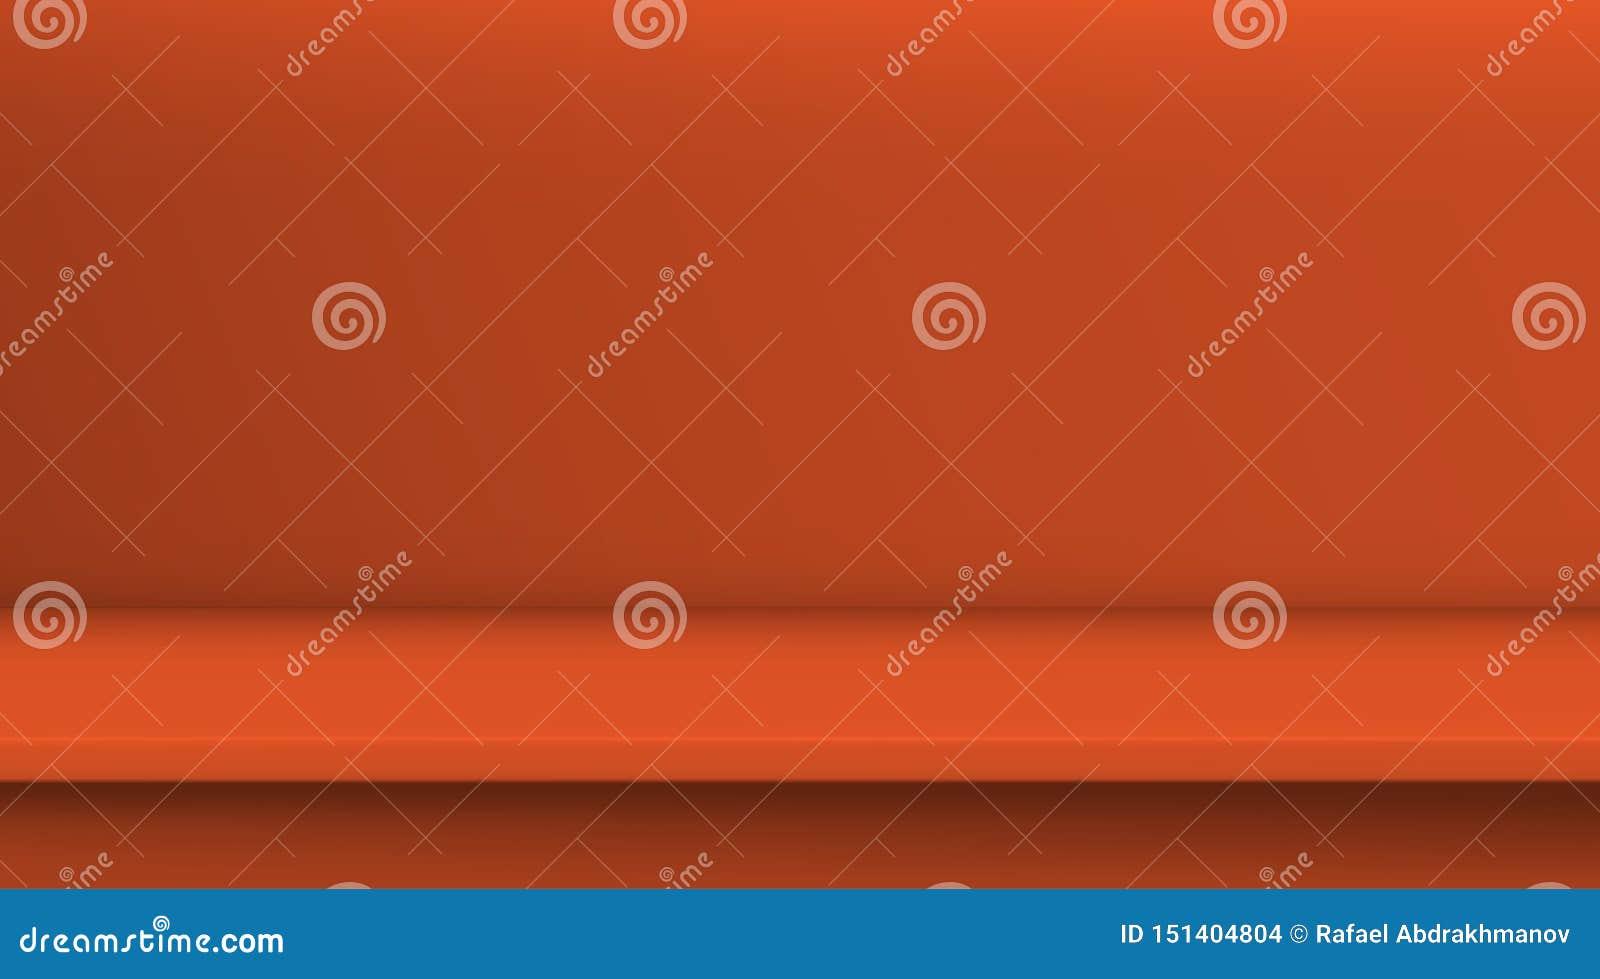 Таблица вектора сетки градиента Предпосылка пустой яркой оранжевой таблицы цвета, комнаты студии рекламирует для ваших продуктов